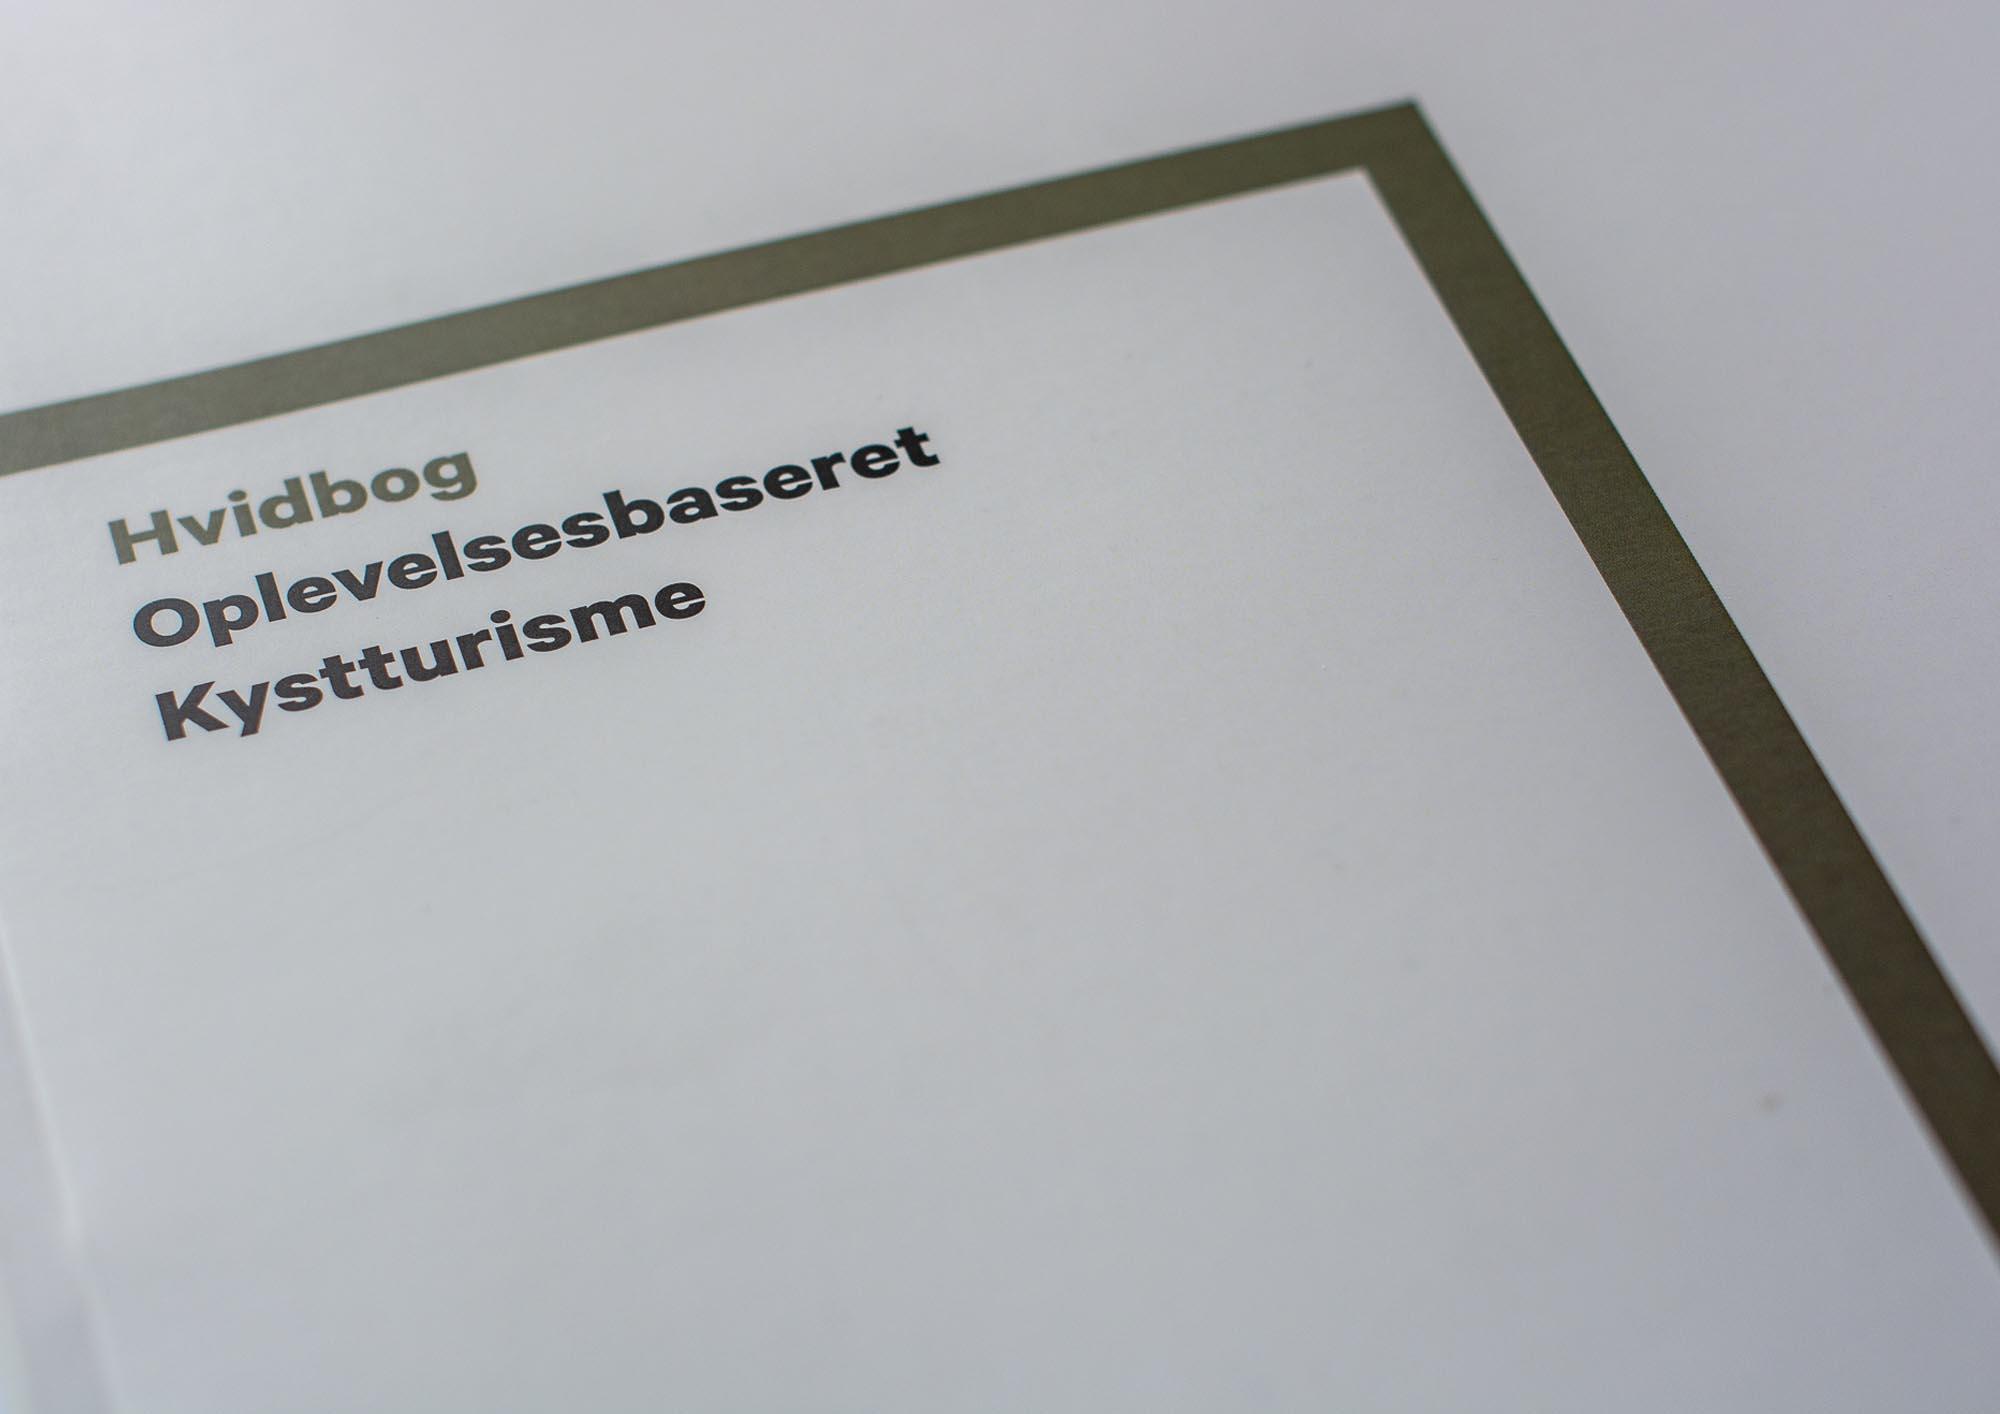 hvidbogoplevelsesbaseret kystturisme - INSPIRATION - INFORMATION - VÆRKTØJVIDENCENTER FOR KYSTTURISMES MANGE PROJEKTER GENNEM 2-3 ÅR